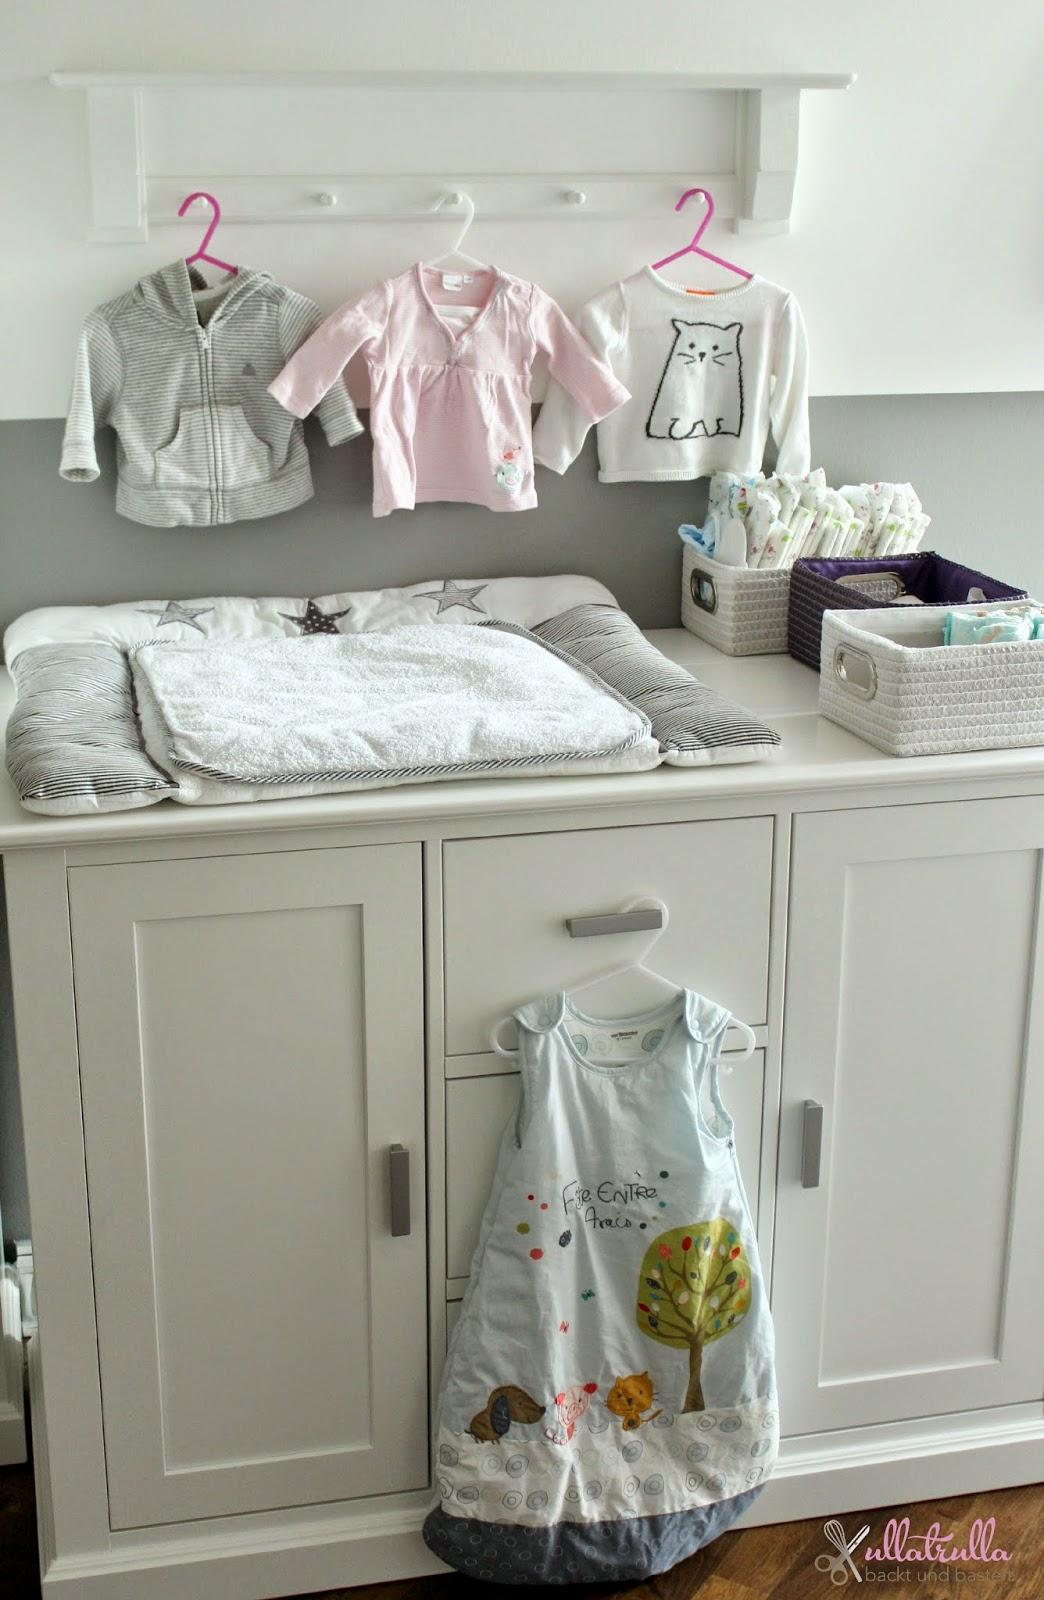 ullatrulla backt und bastelt: Babyzimmer in Grau und Weiß ...